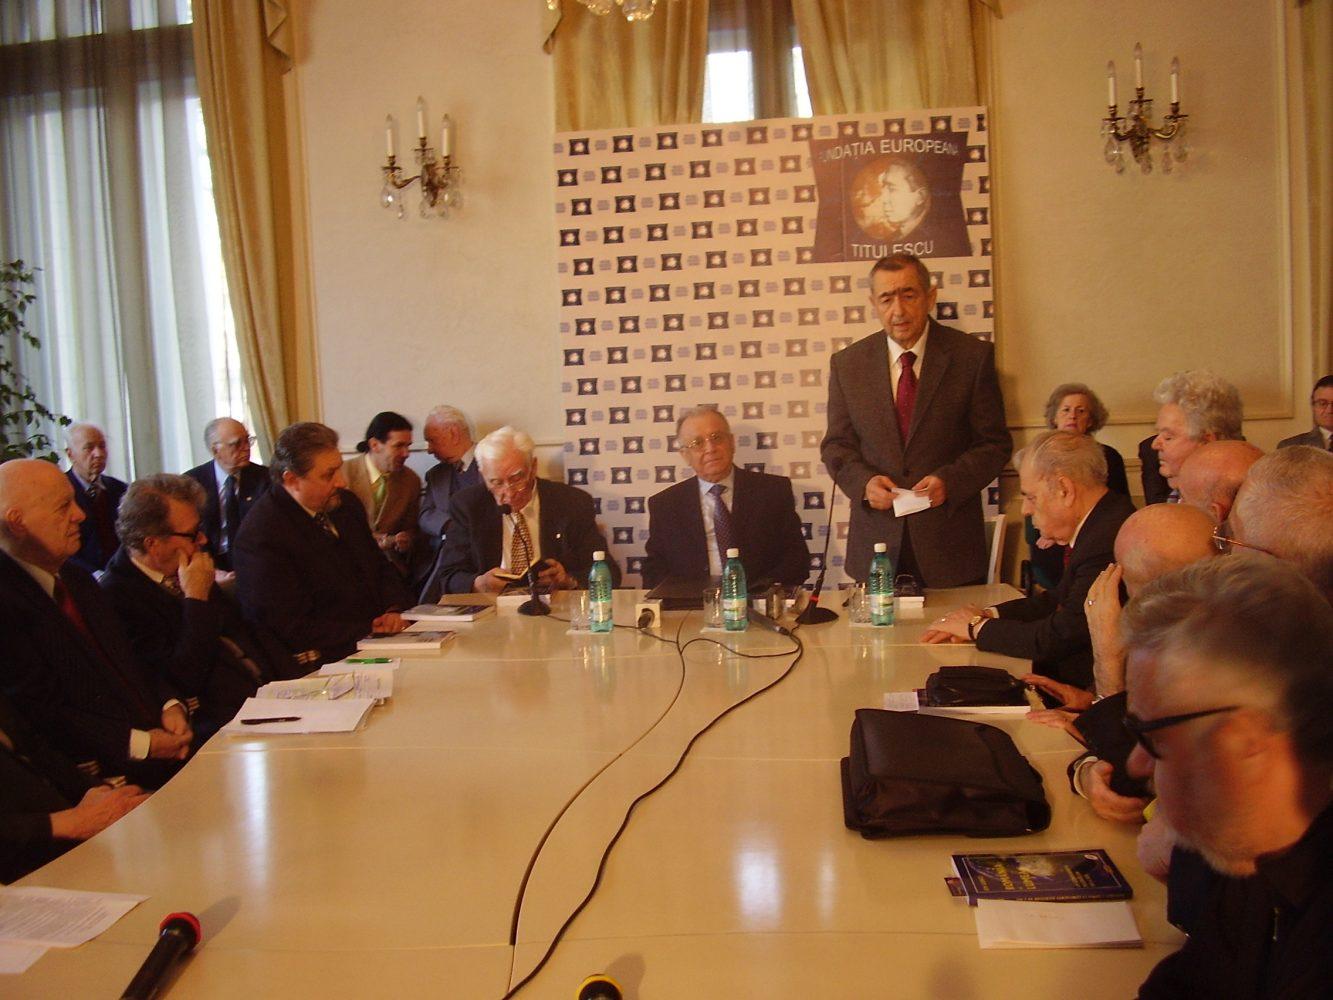 România şi lumea la confluenţa secolelor XX şi XXI